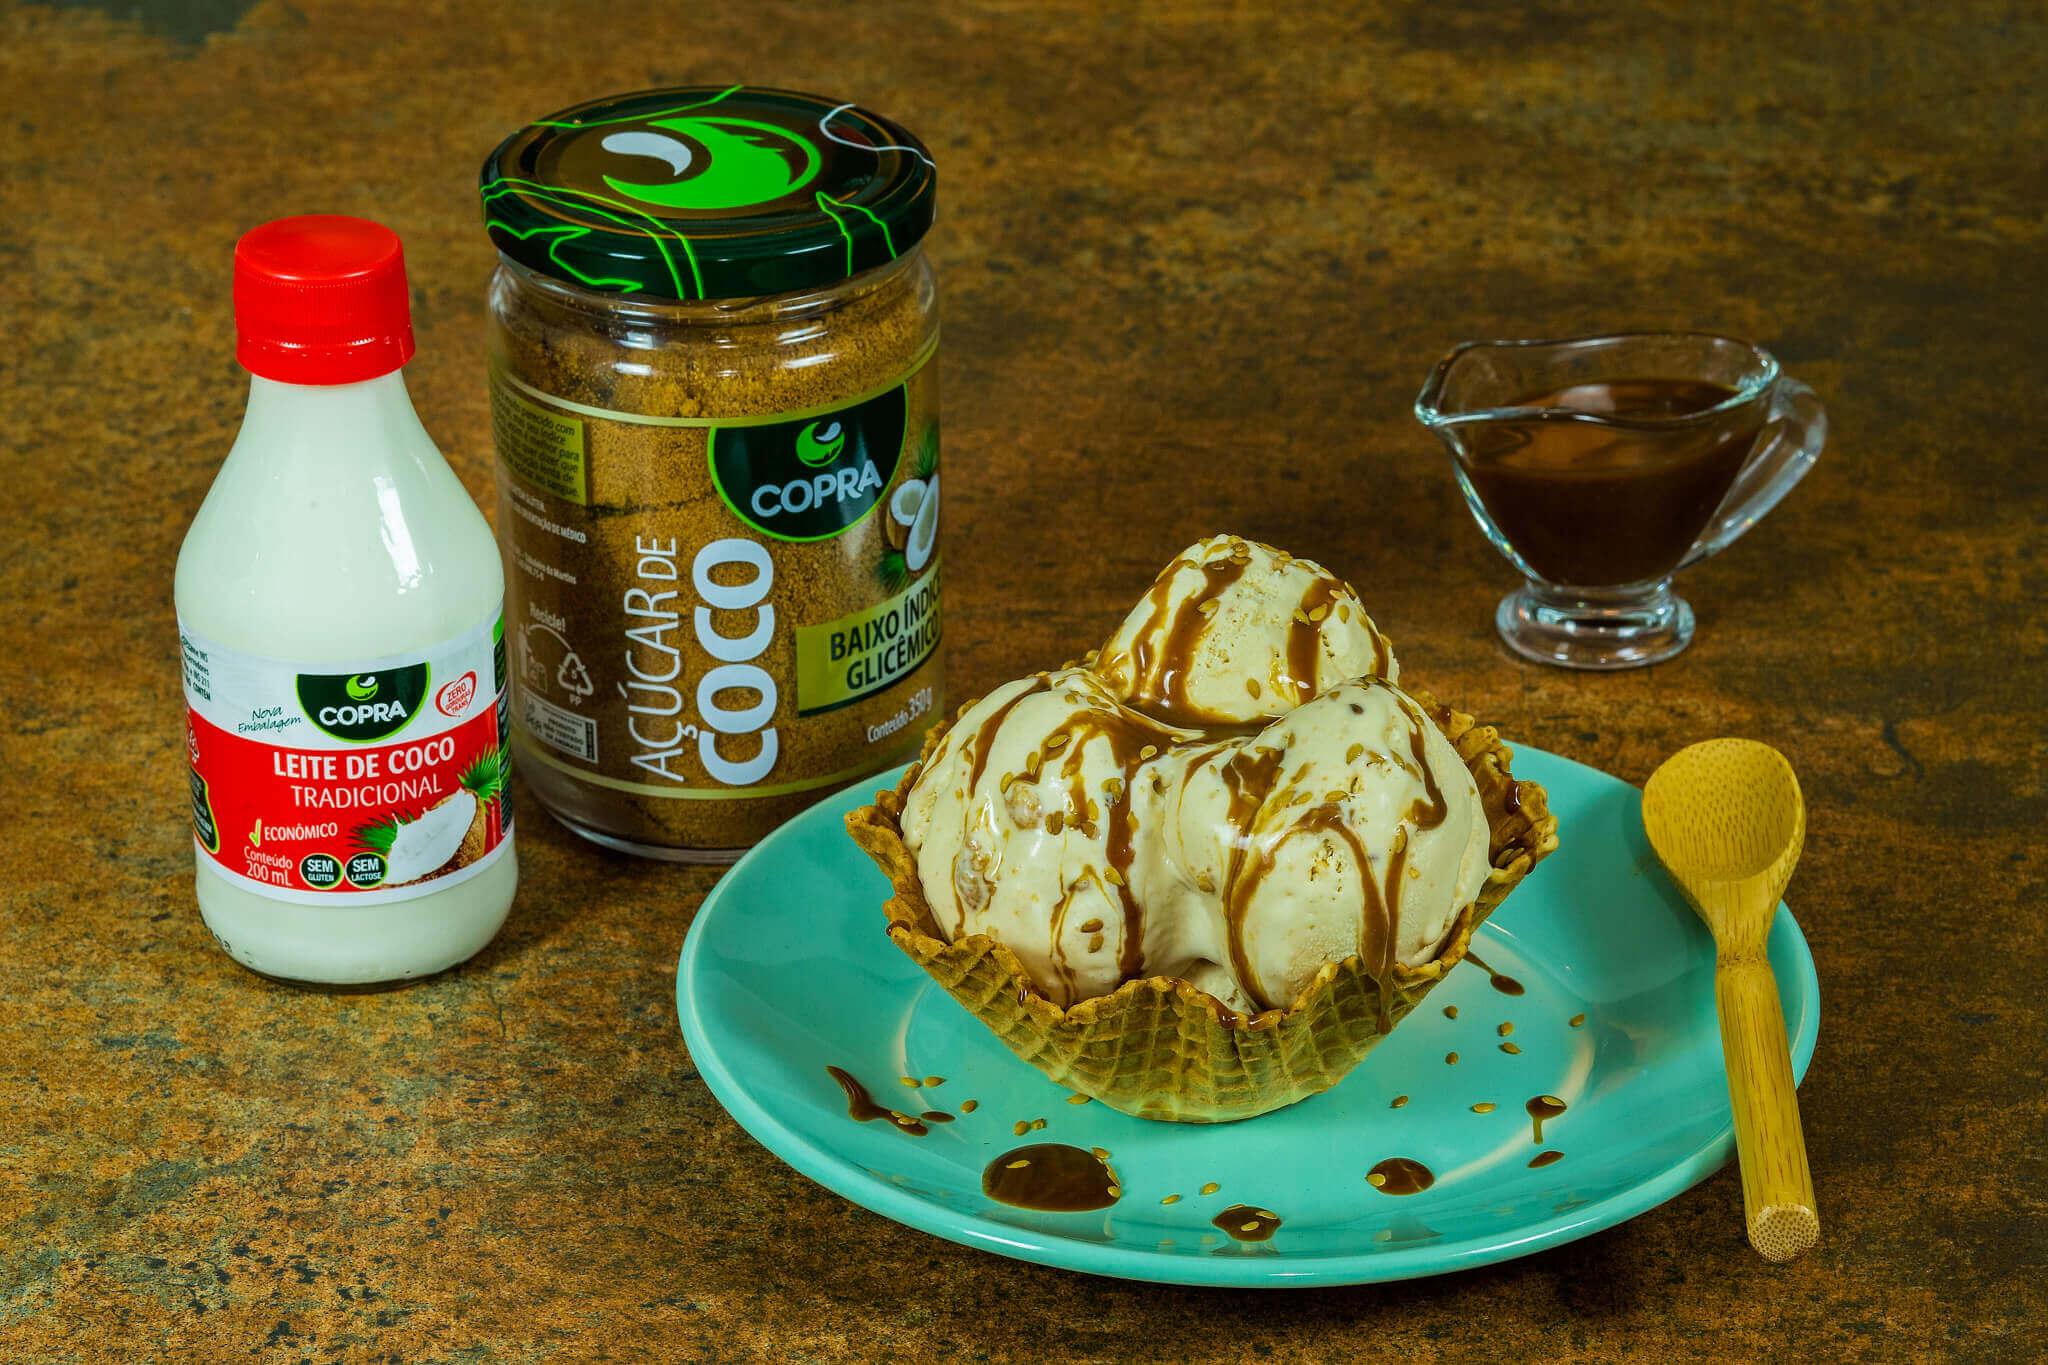 Sorvete Caramelo de Coco